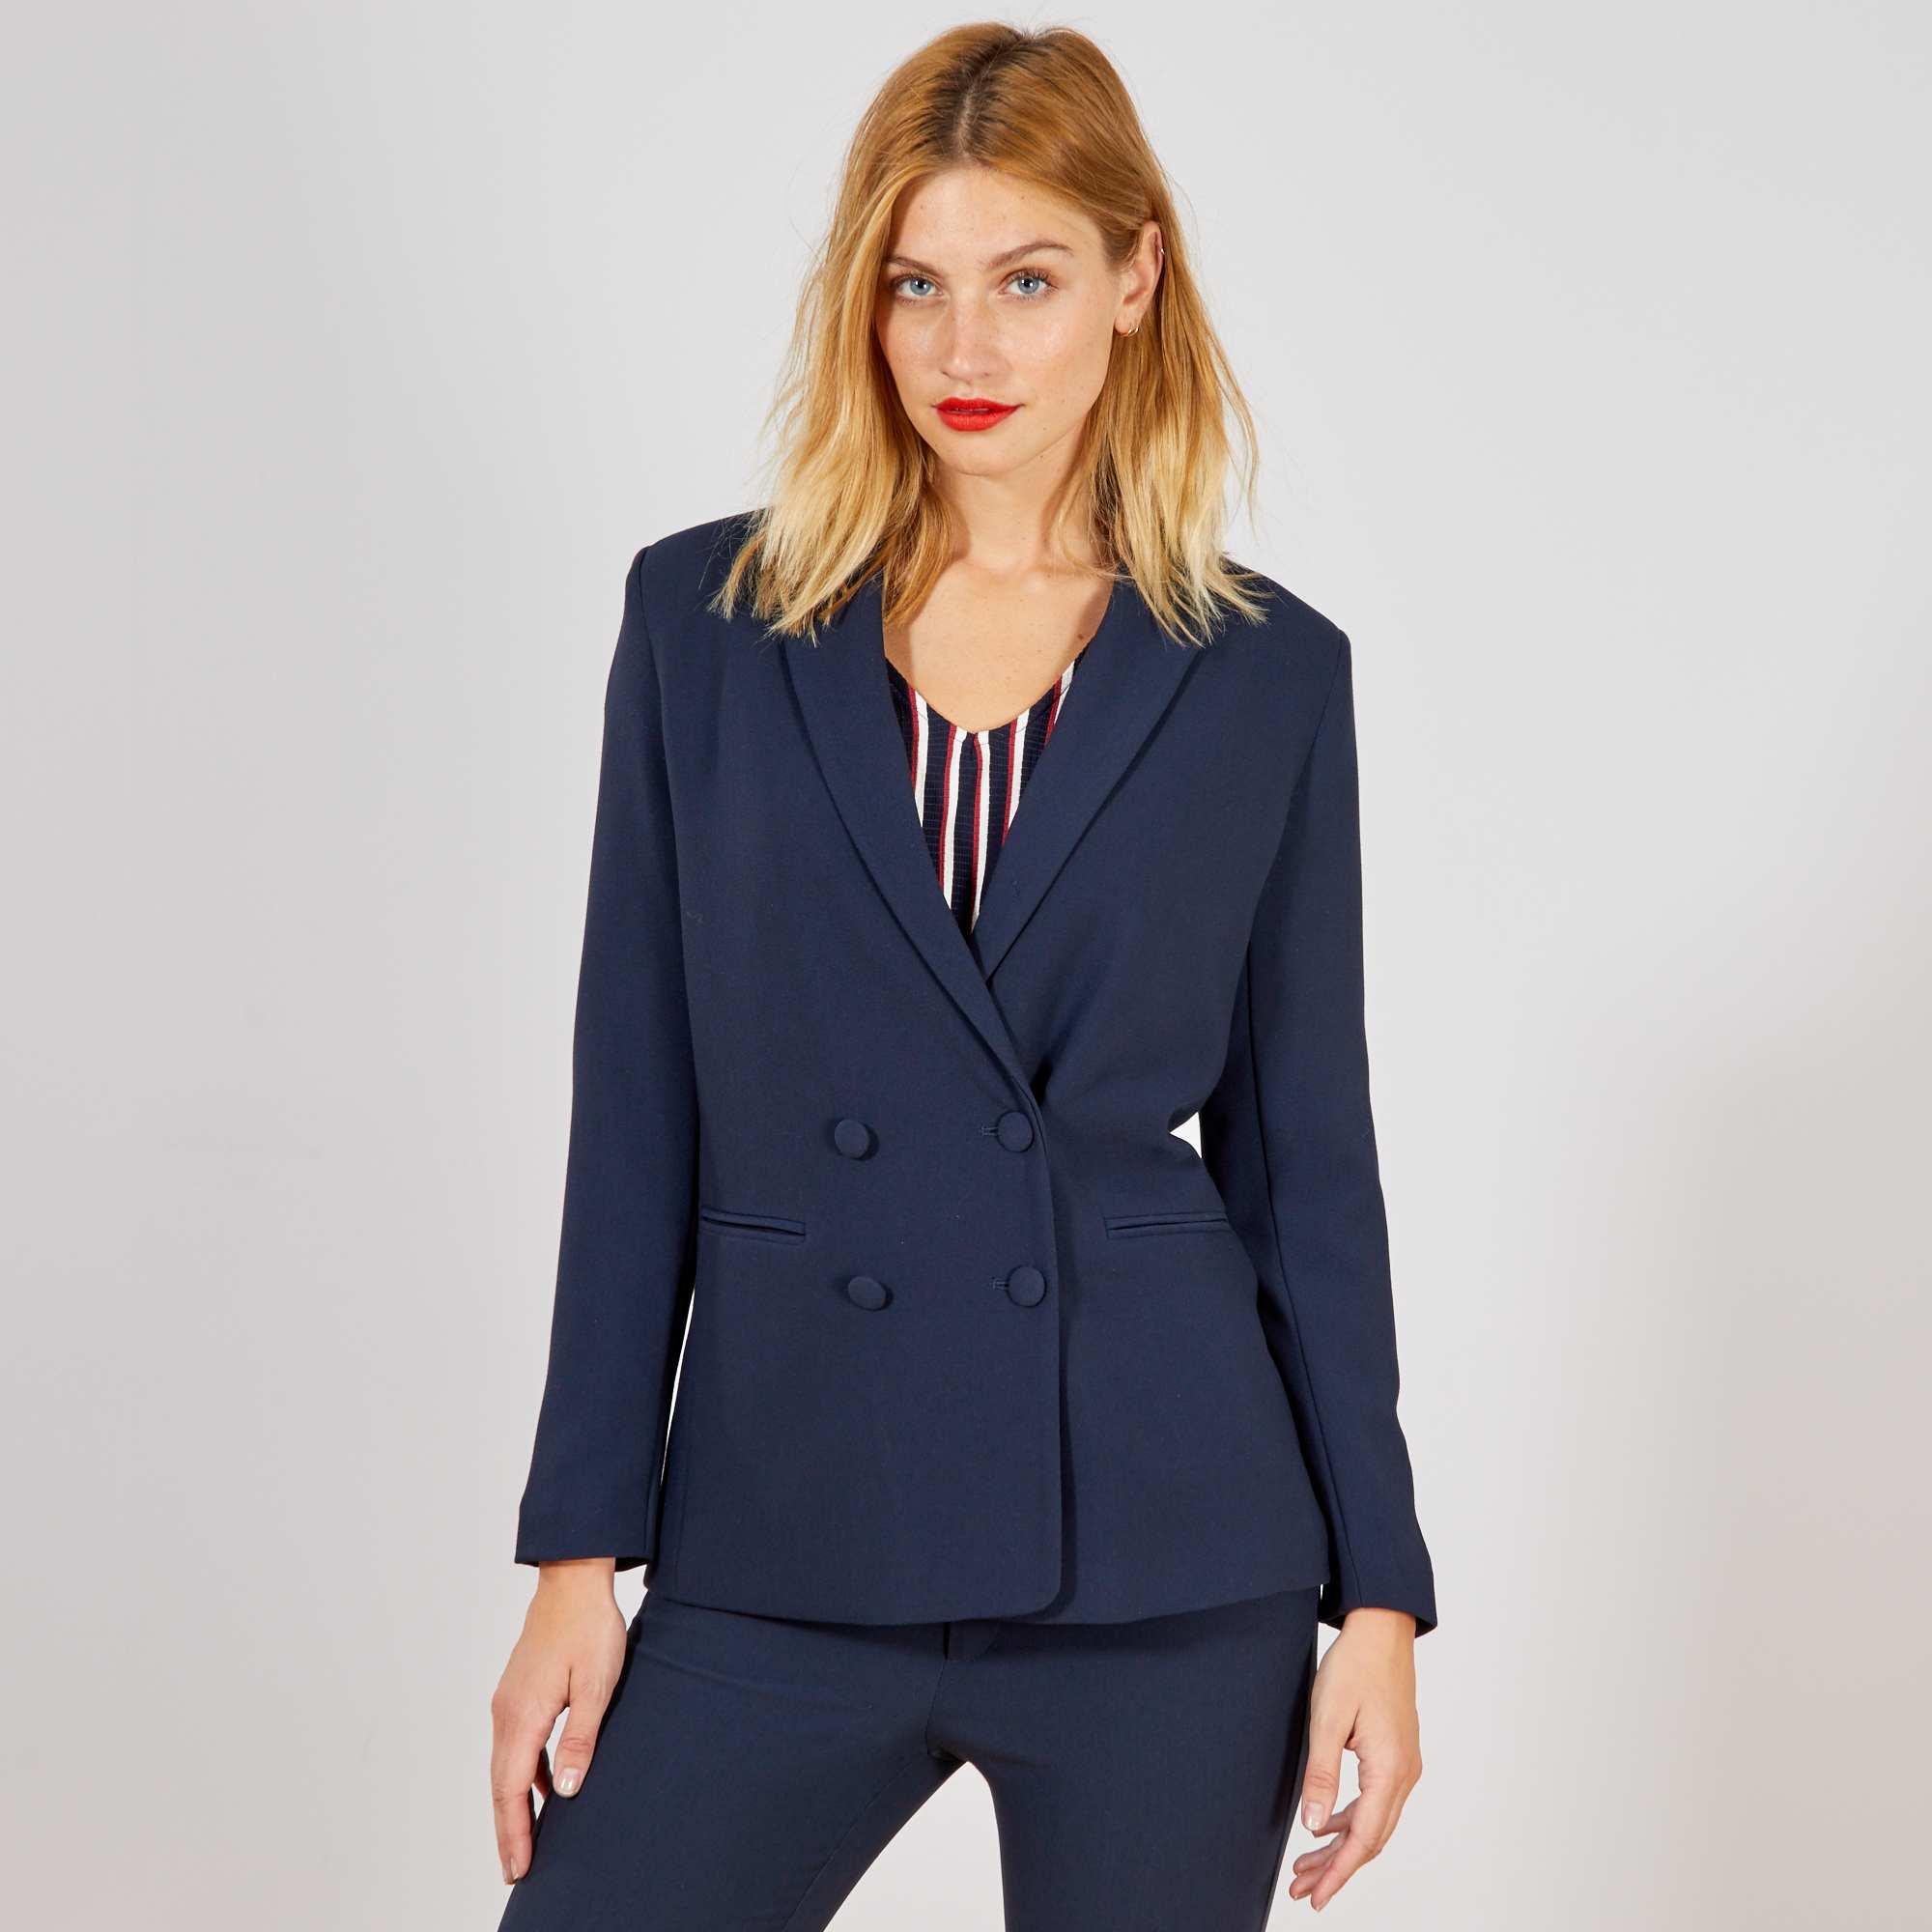 eb33f5df2739 Veste blazer double boutonnage bleu Femme. Loading zoom. Cliquez sur  l image pour l agrandir. zoom